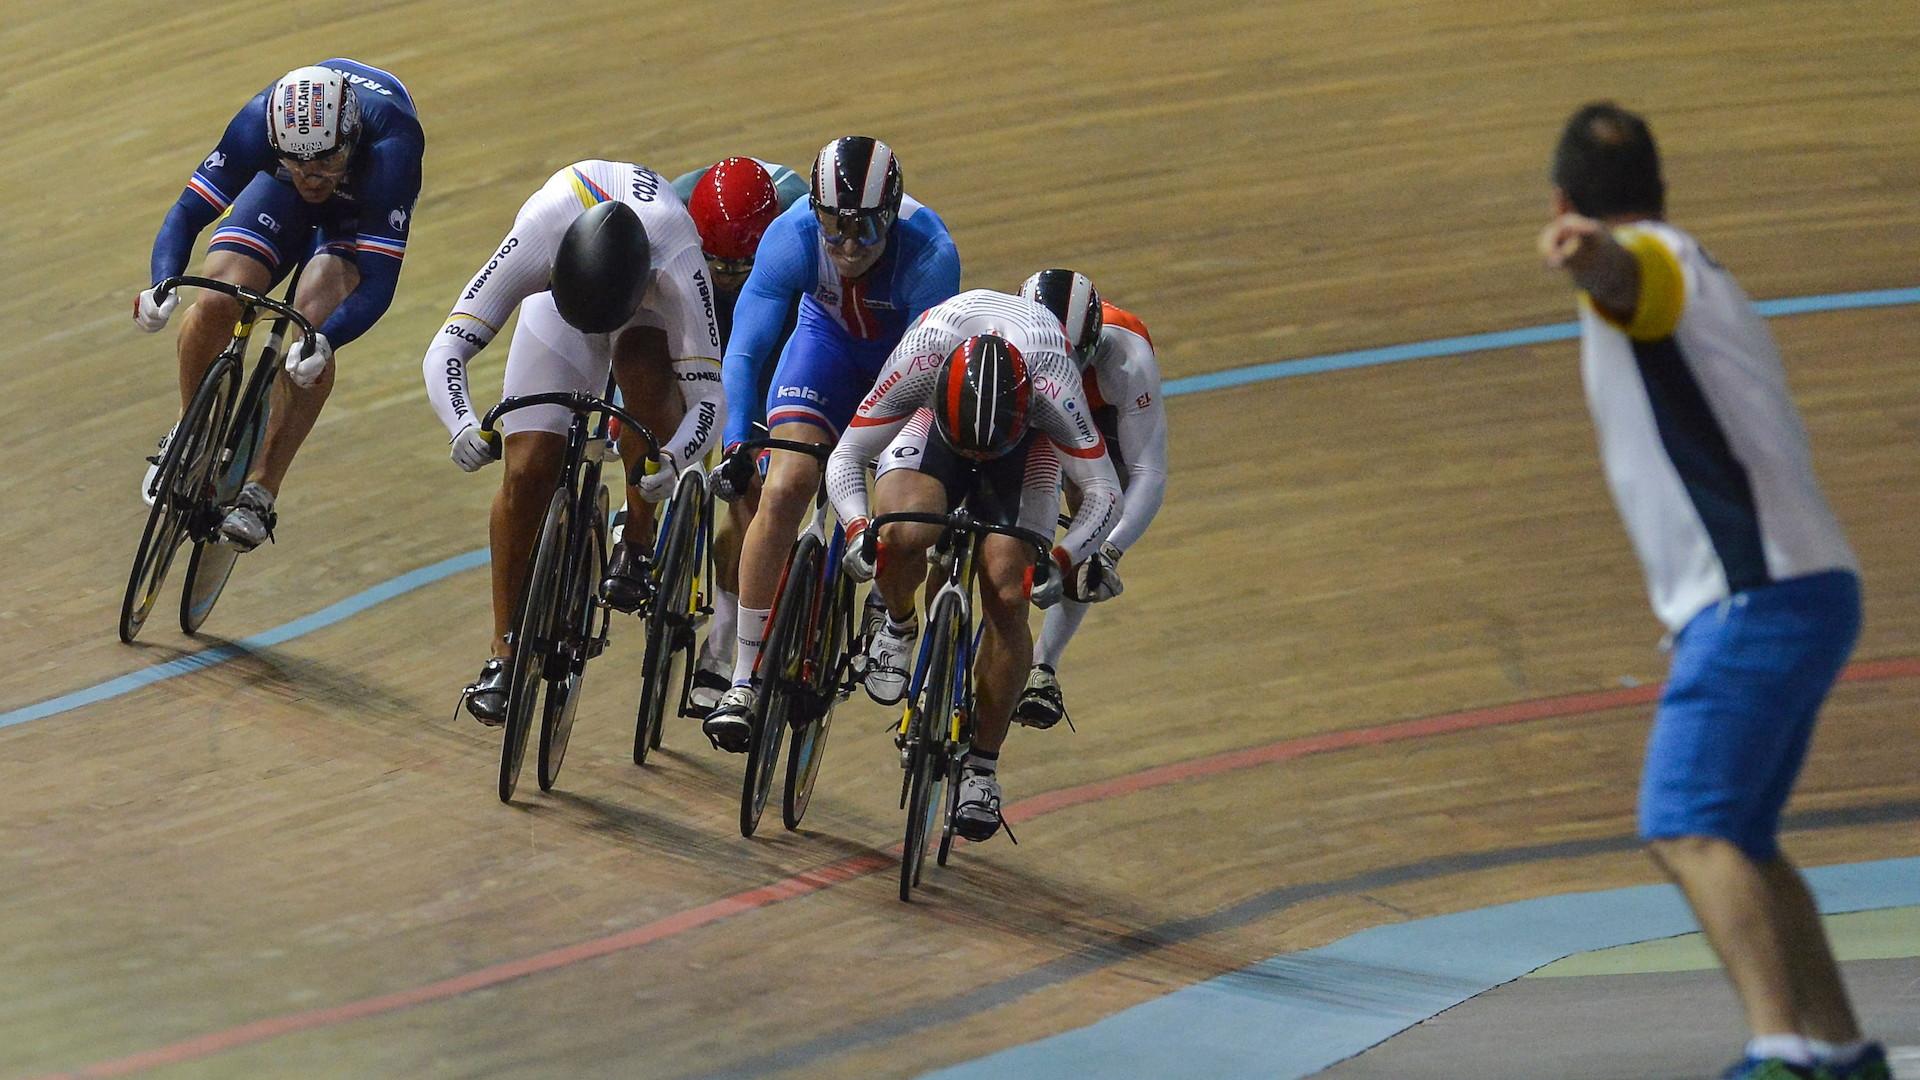 自転車 - 東京五輪2020 - 競技詳細 - gooニュース